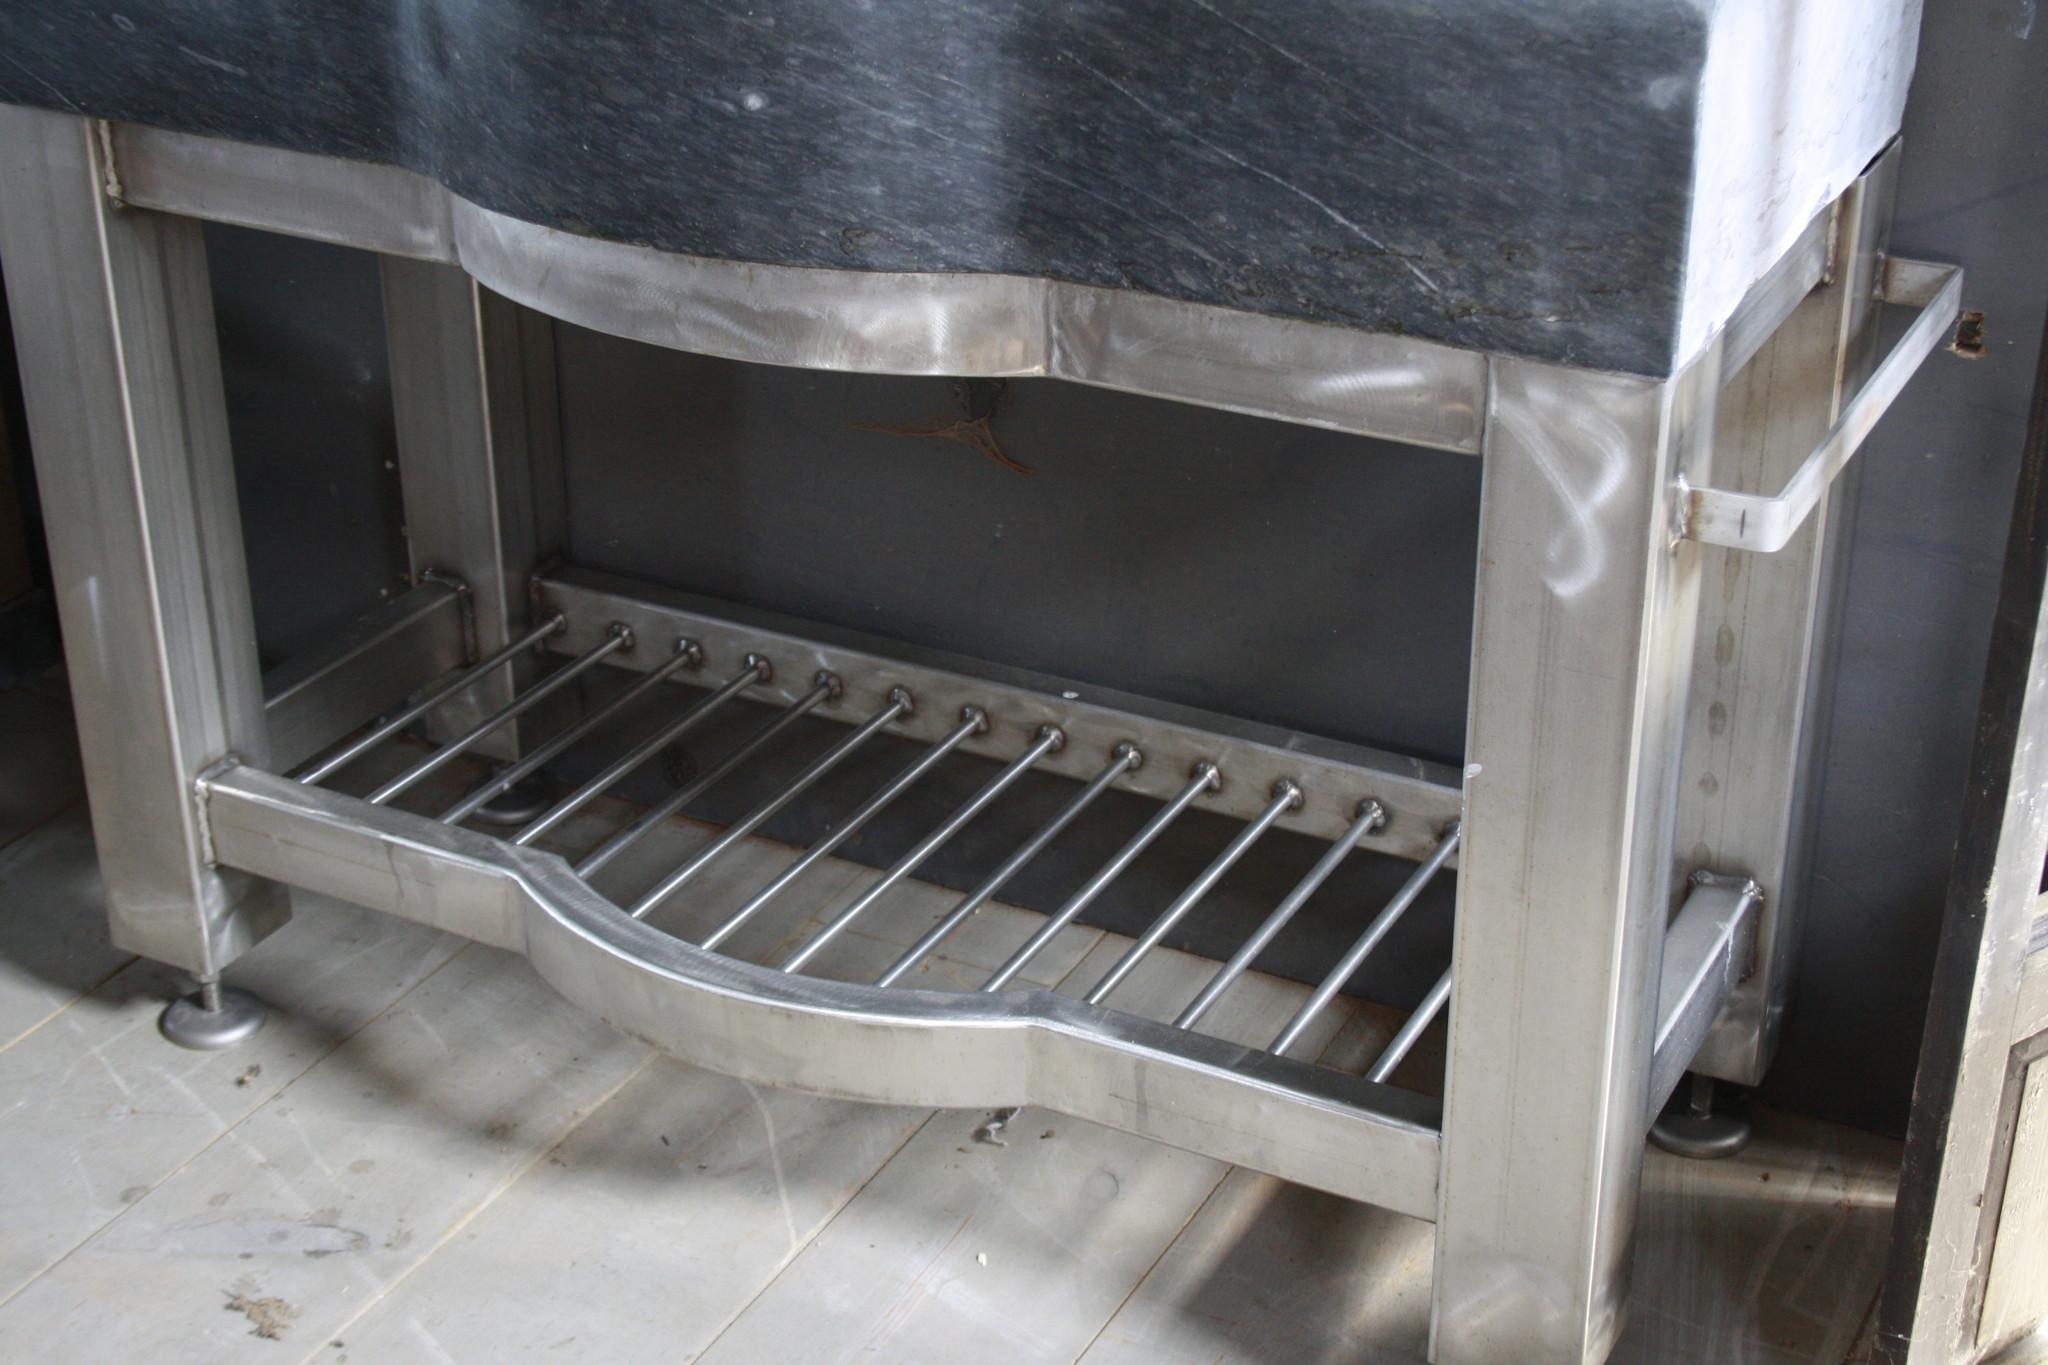 Badkamermeubel RVS + Belgisch hardstenen blad 130 cm-6